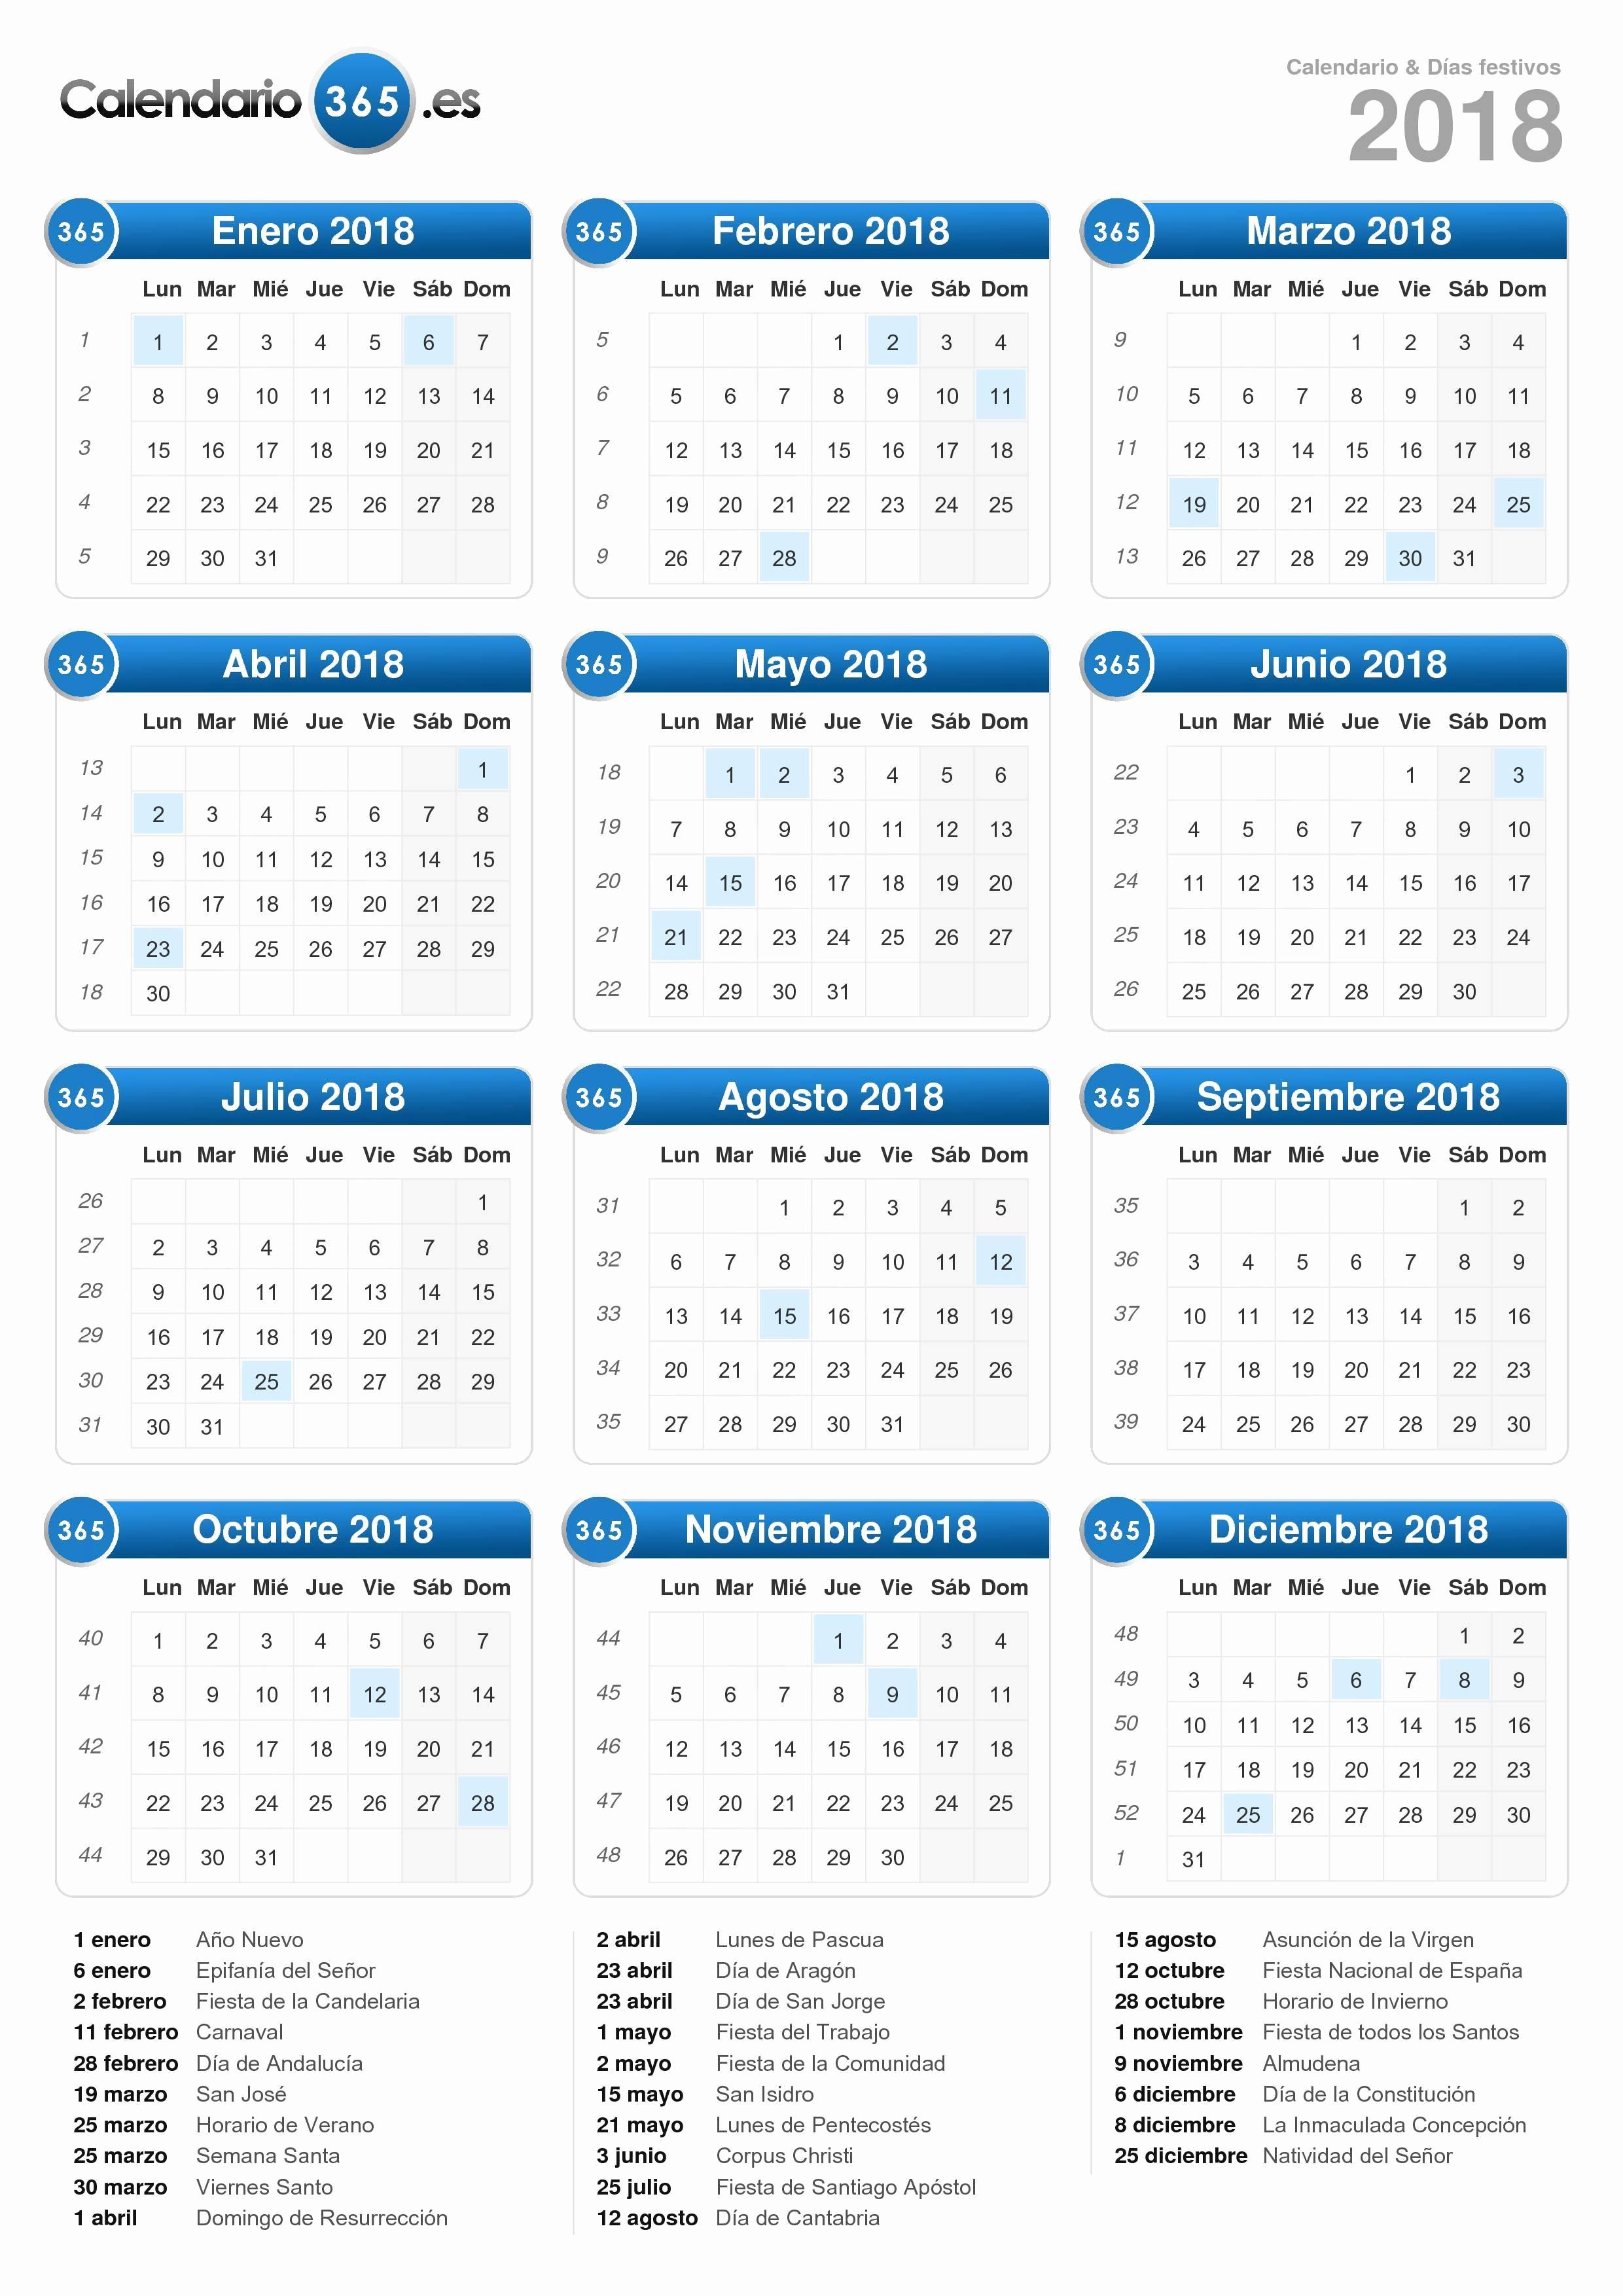 calendario carreras chile 2019 calendario carreras chile 2019 calendario 2018 calendar template 2018